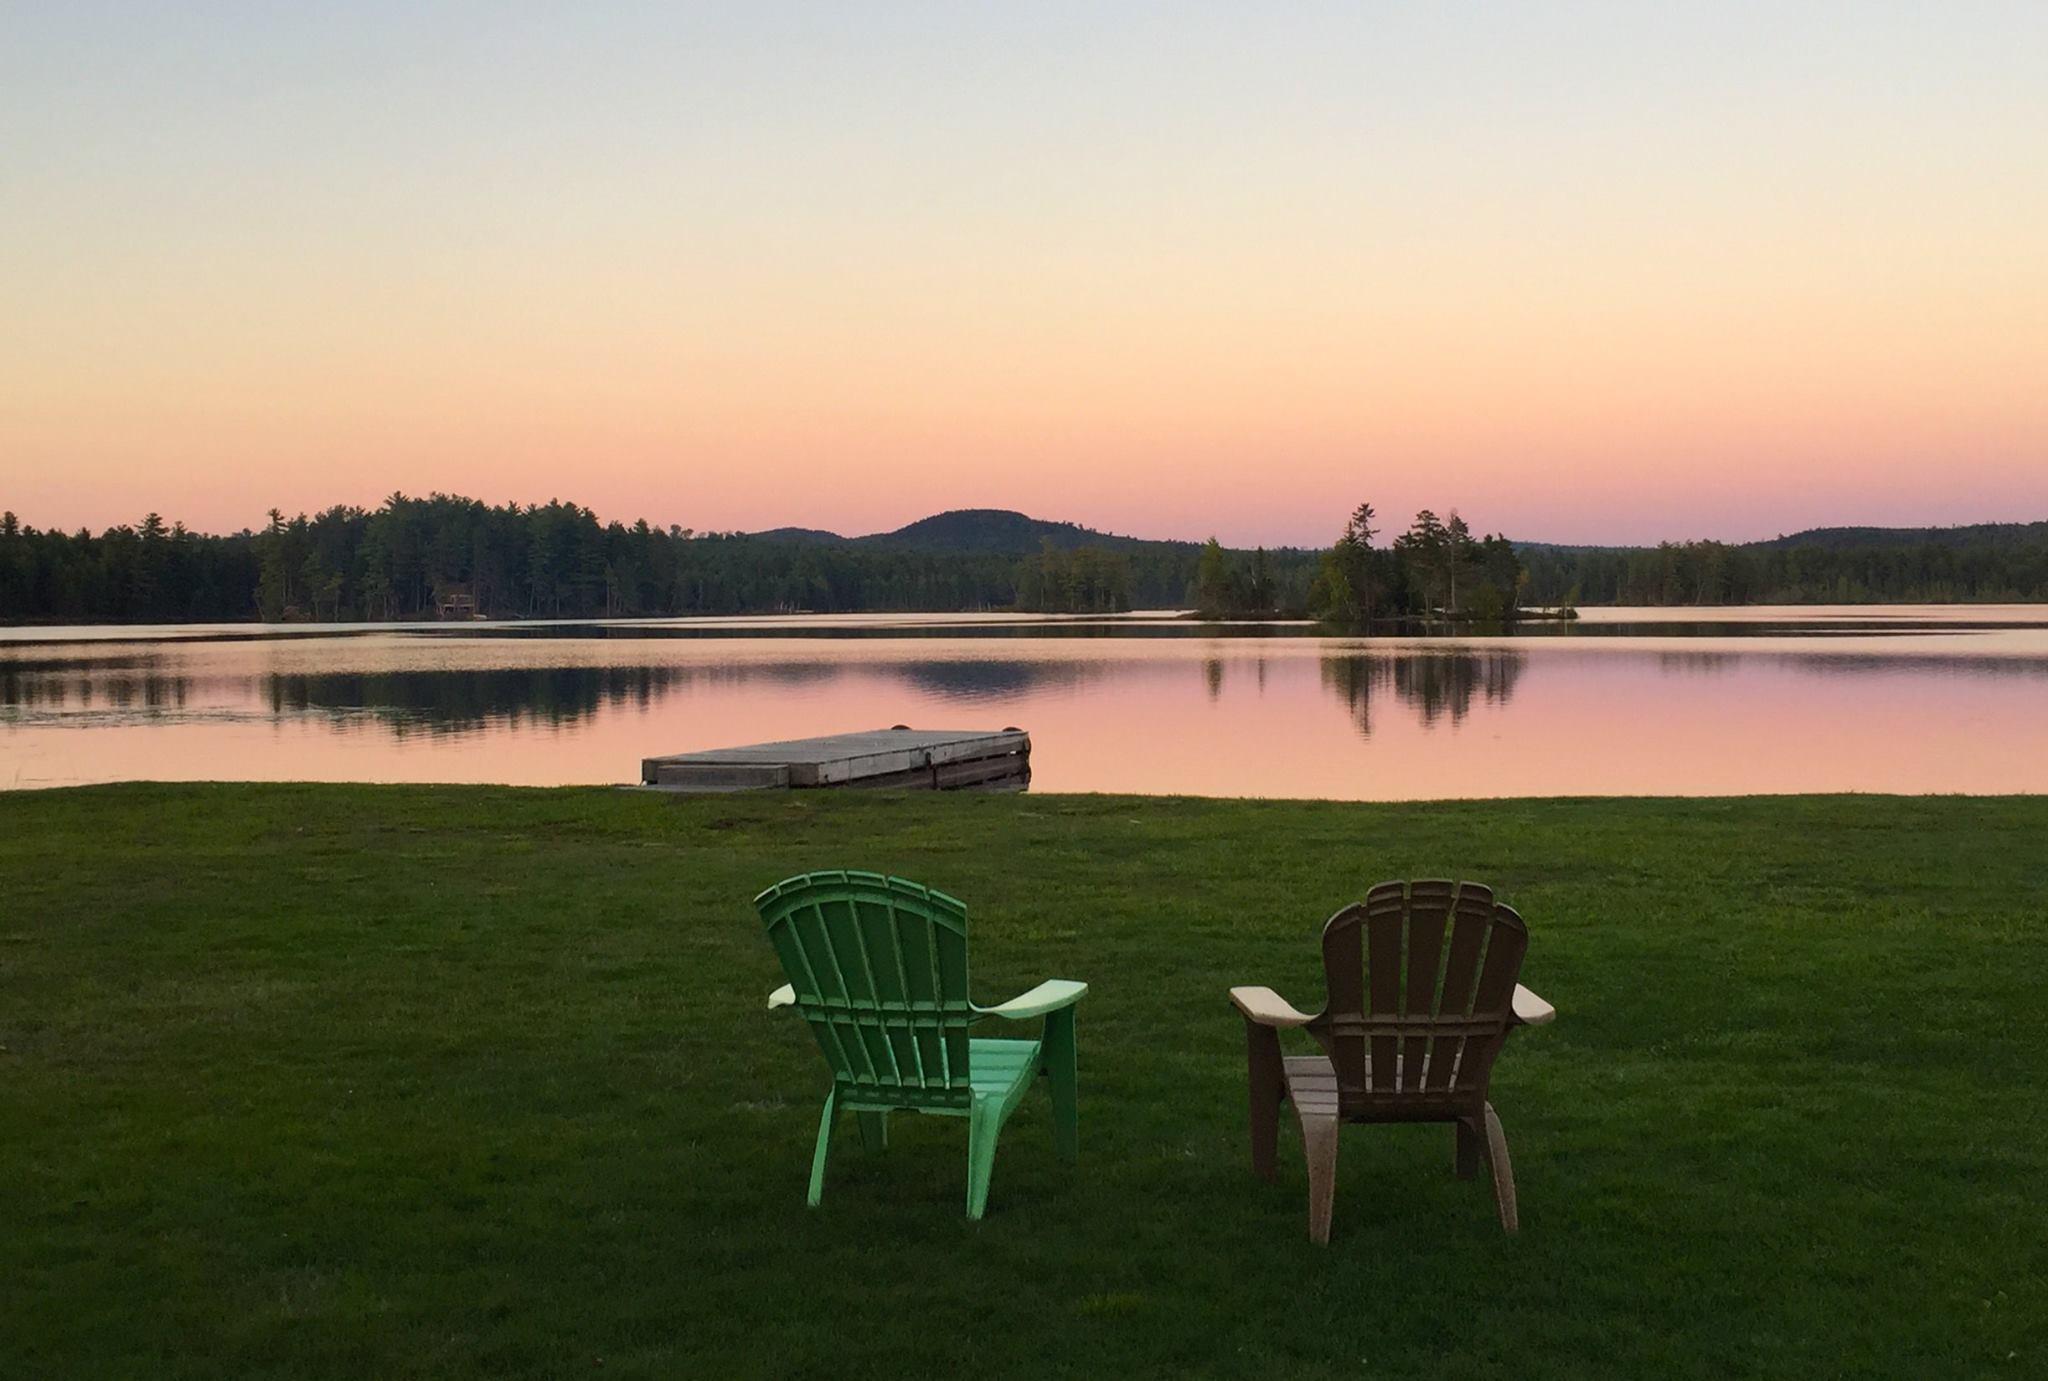 Lake Moxie Camps